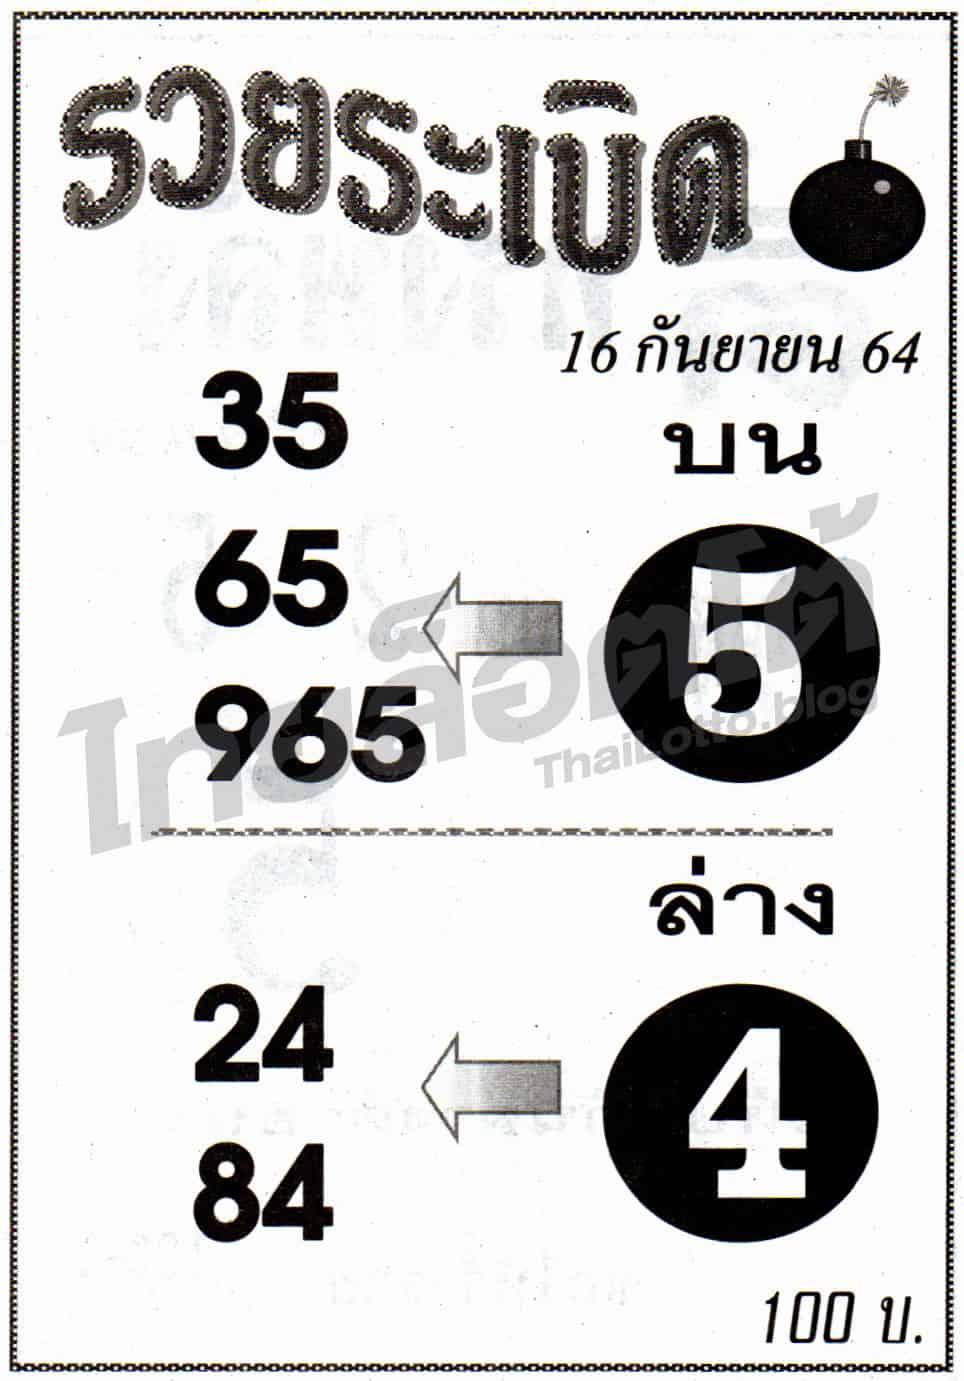 หวยซอง หวยรวยระเบิด-160964